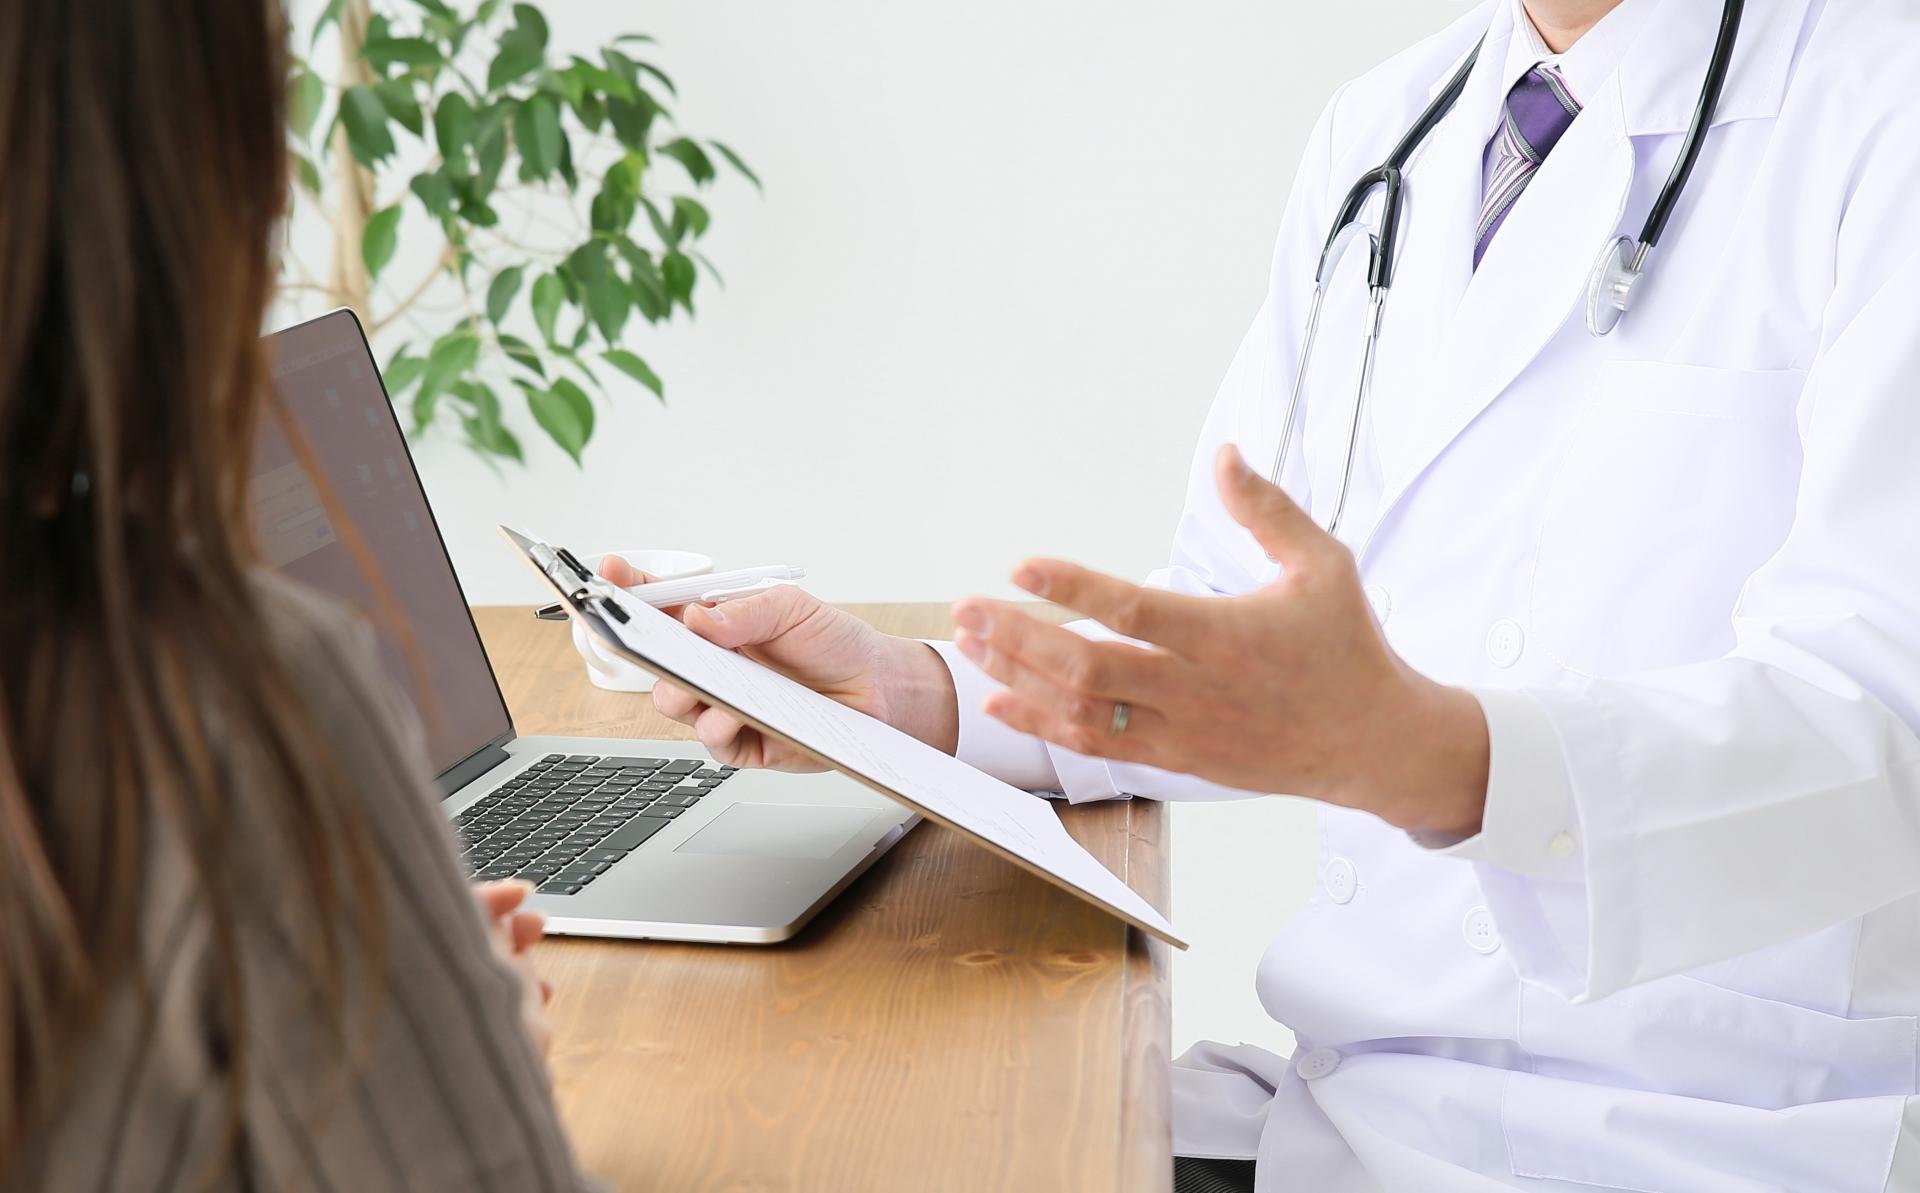 2018年8月から医療負担の上限が上がる!?